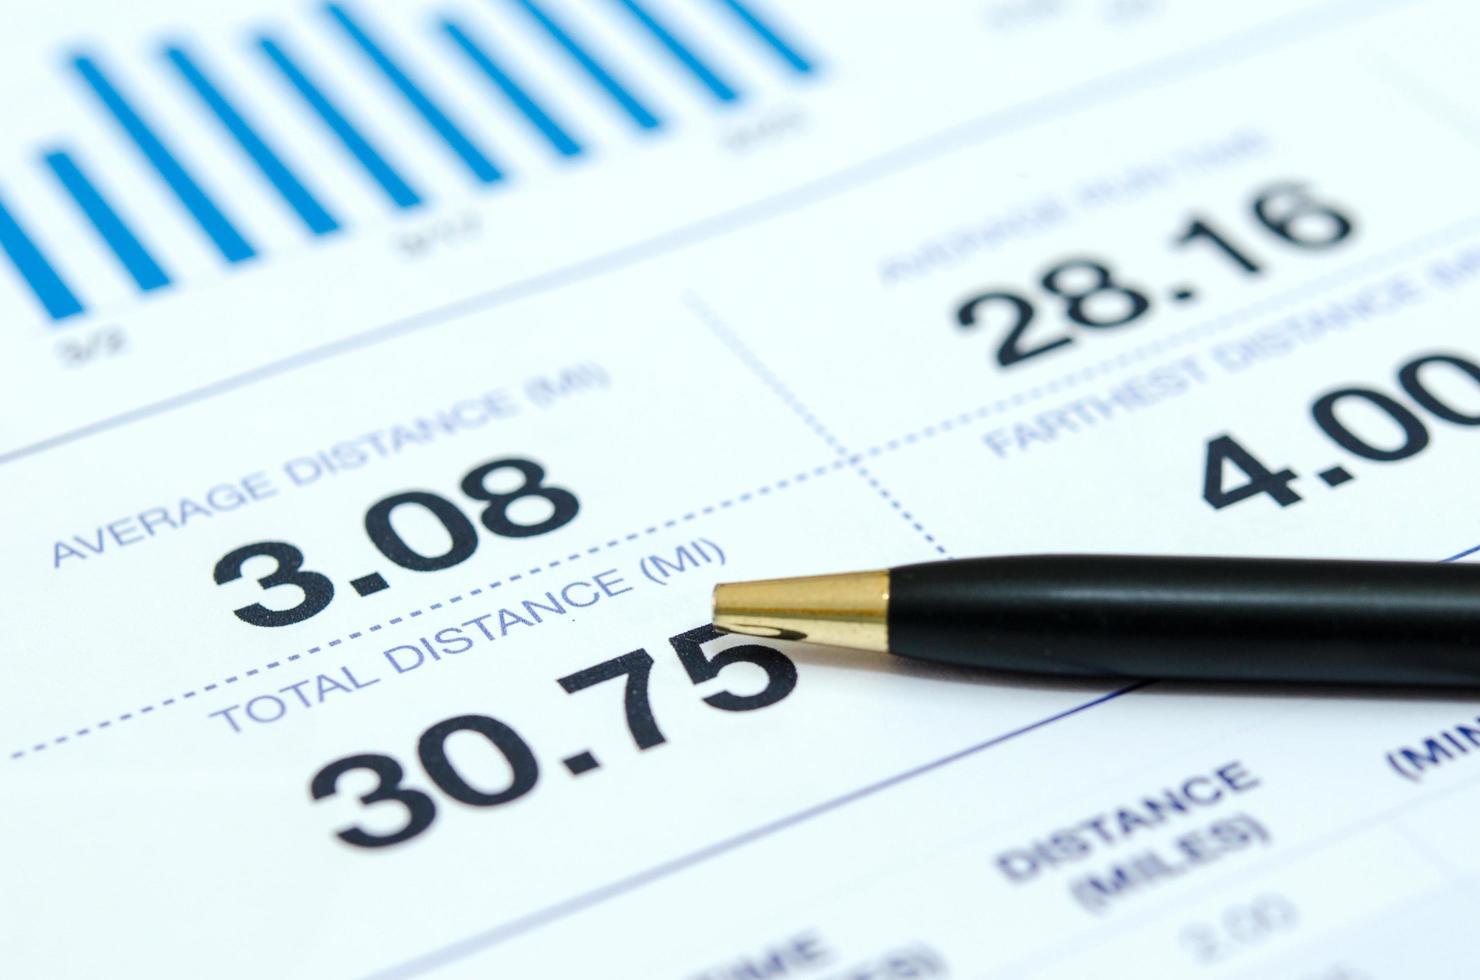 documents de comptabilité d'entreprise et stylo photo